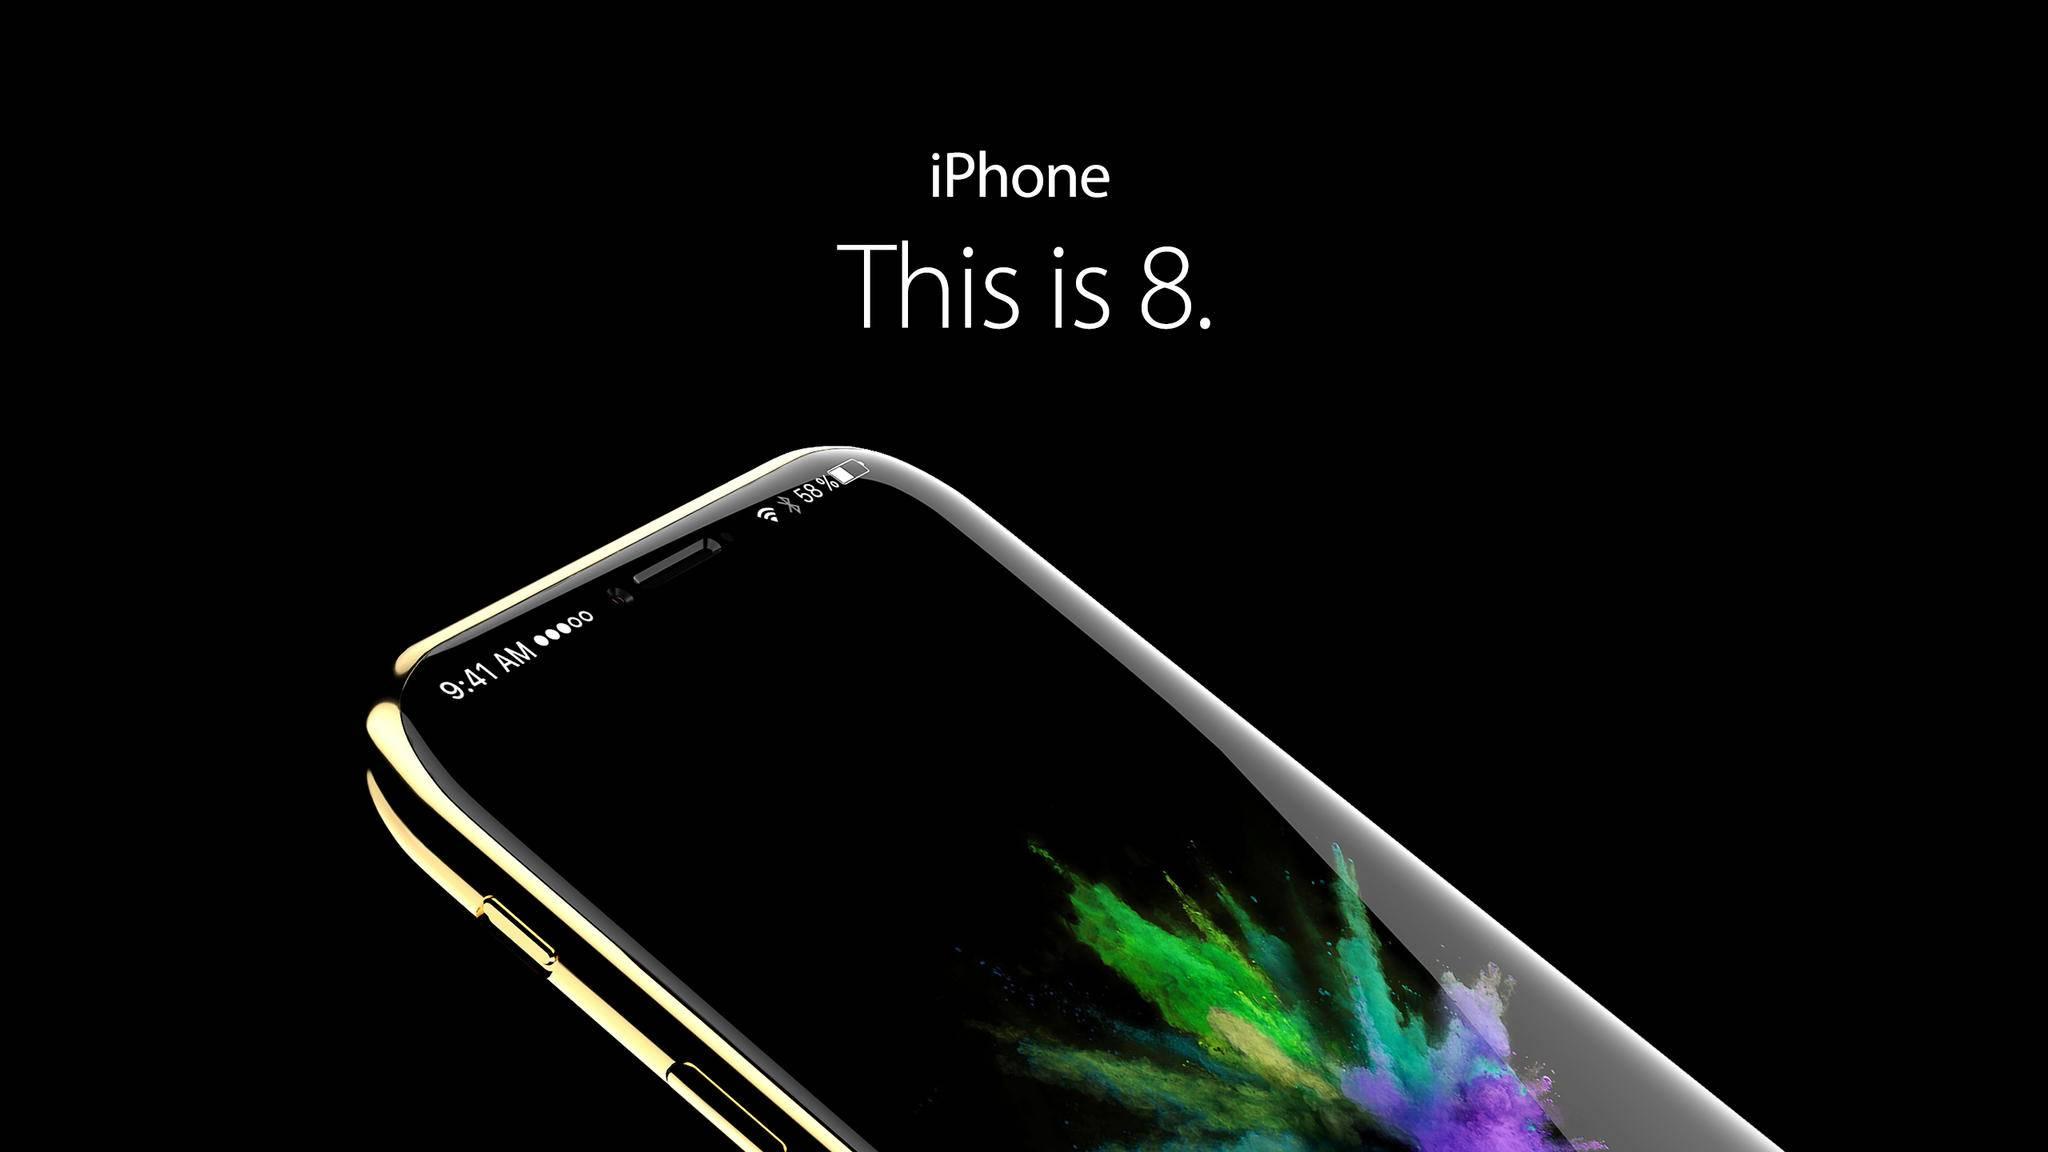 Das iPhone 8 könnte zunächst in limitierter Stückzahl erscheinen.